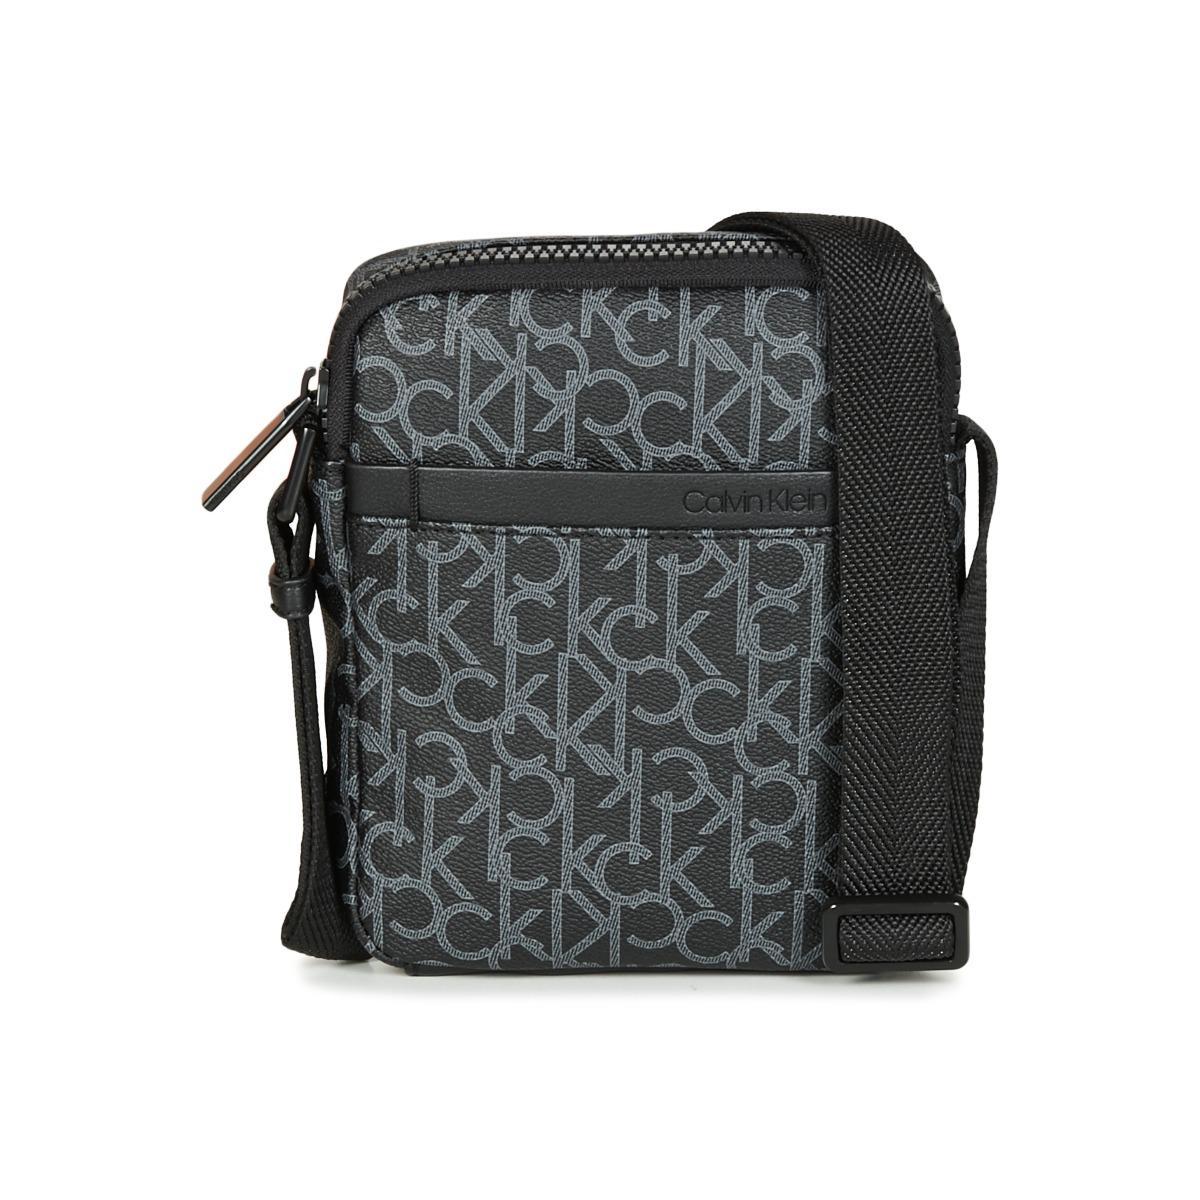 6b3dab4ef4 Calvin Klein Ck Mono Mini Reporter Pouch in Black for Men - Lyst